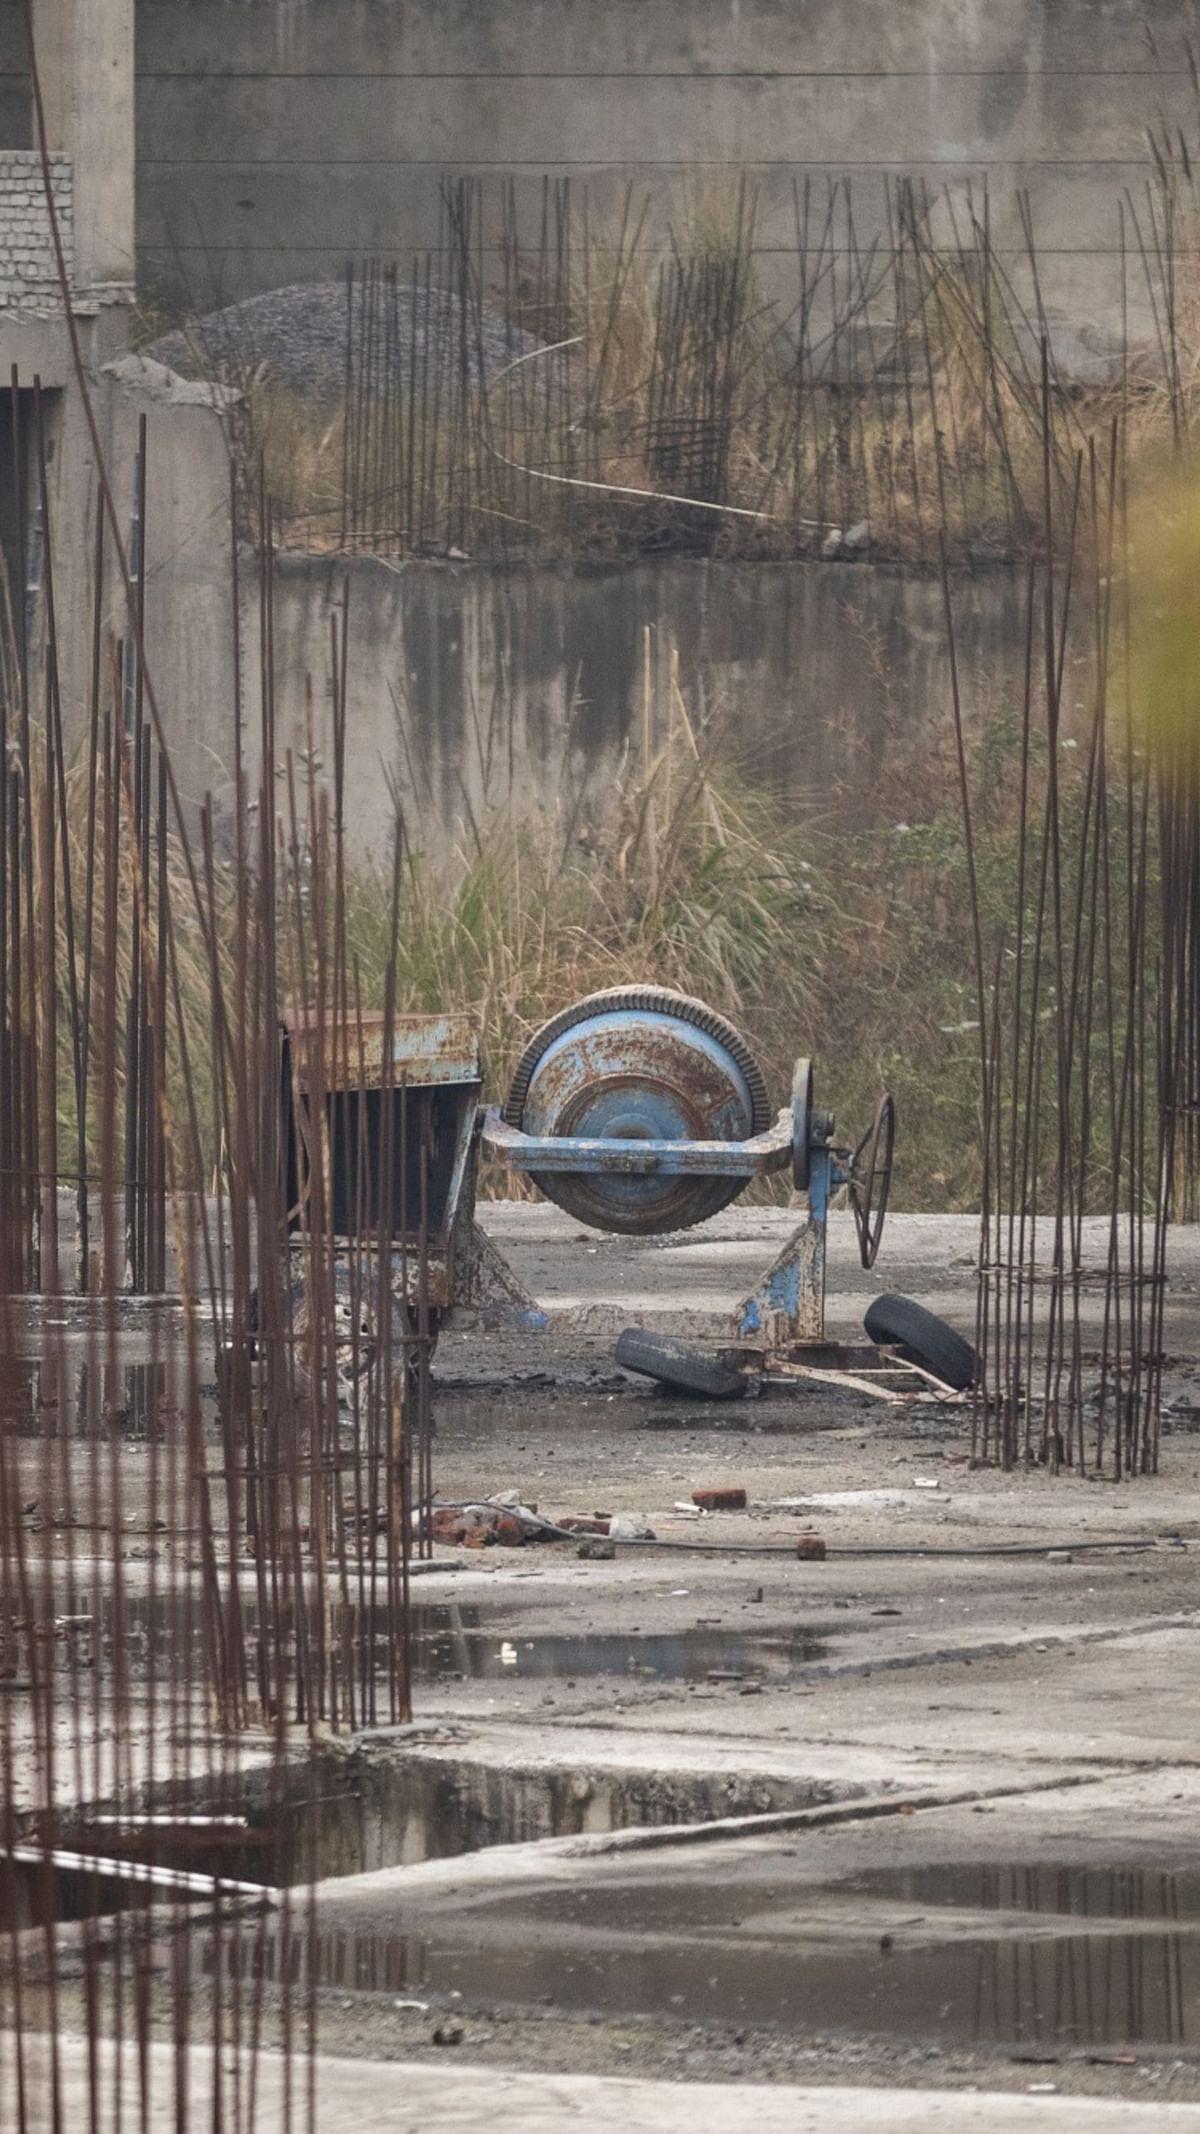 SREI Debenture Holders Left In The Lurch